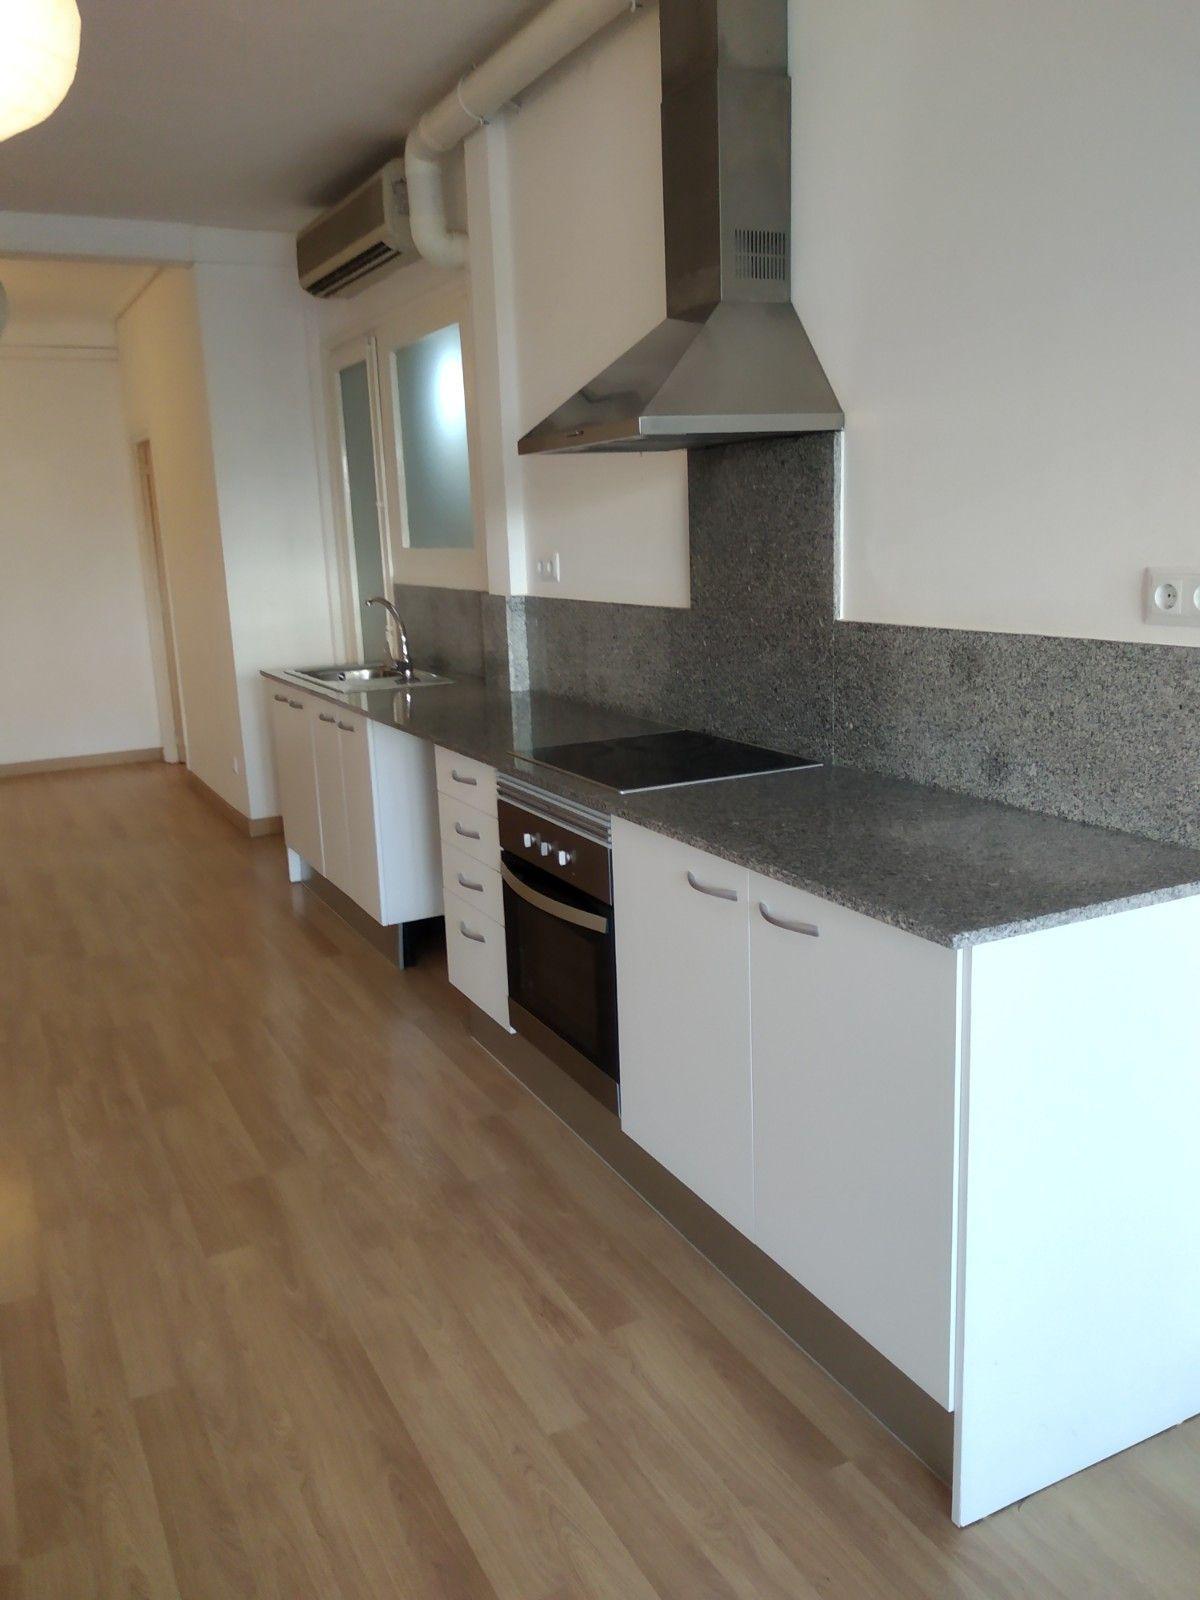 Piso en venta en Eixample, Barcelona, Barcelona, Avenida Josep Tarradellas, 620.000 €, 3 habitaciones, 1 baño, 85 m2